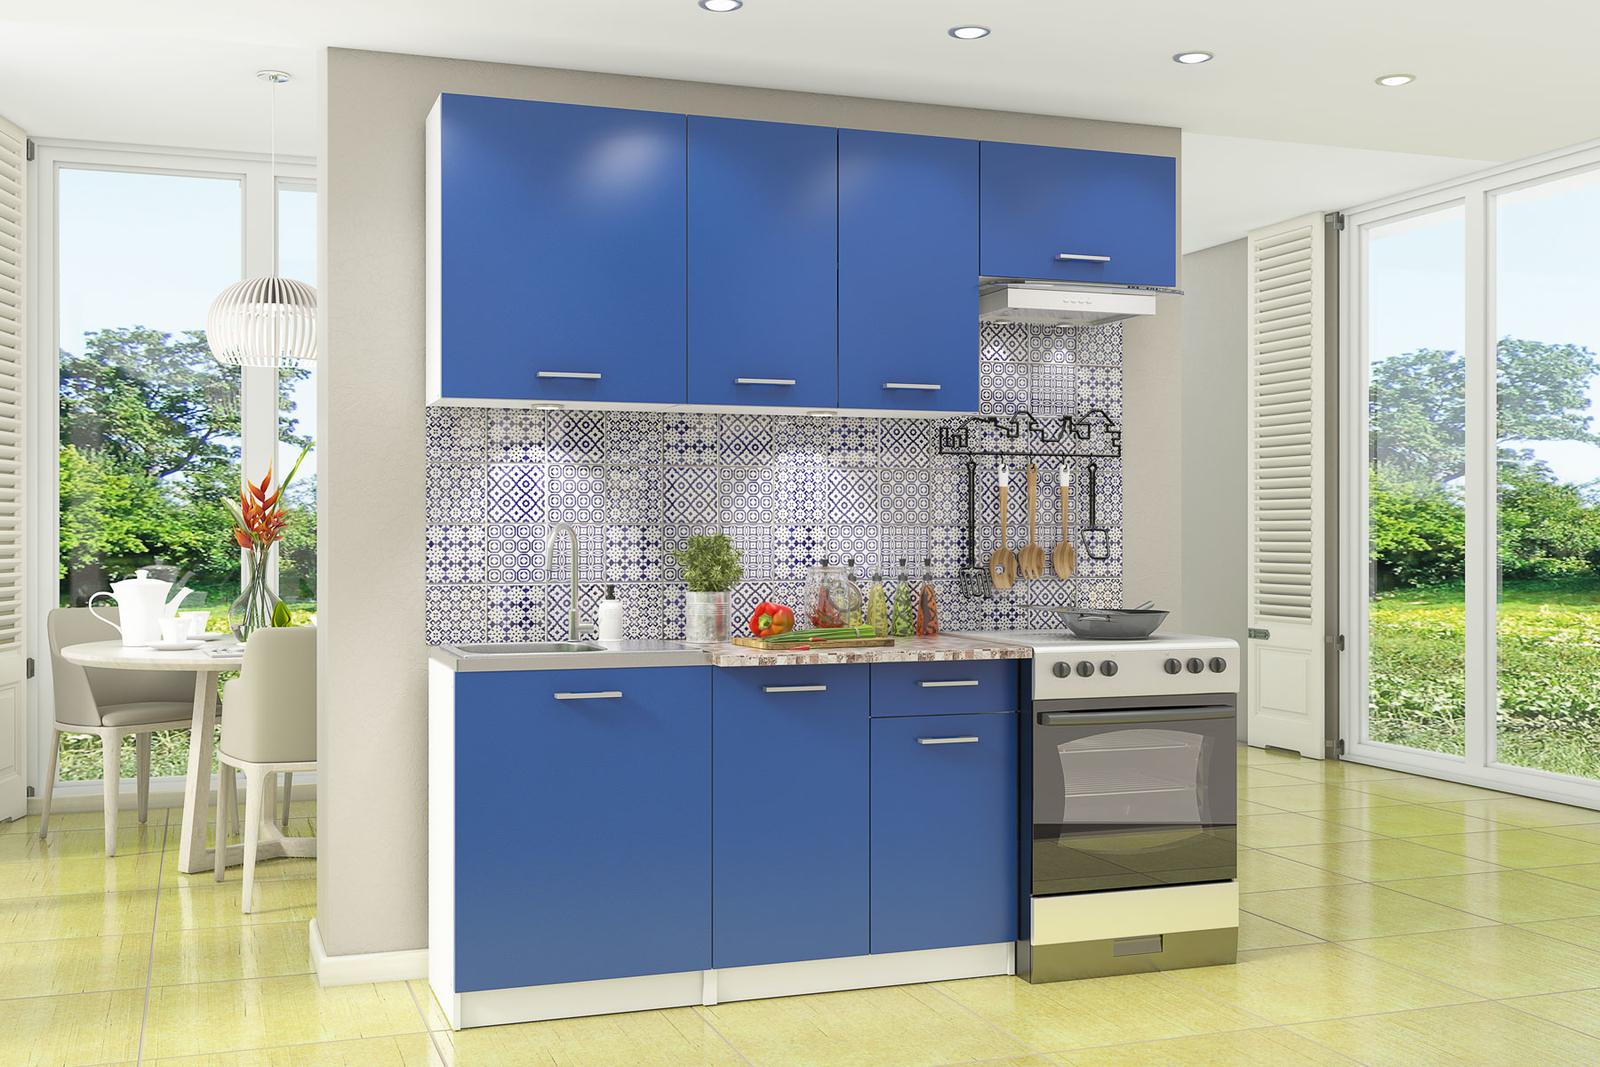 Кухонный гарнитур Адриатика 200 см (белый/синий)